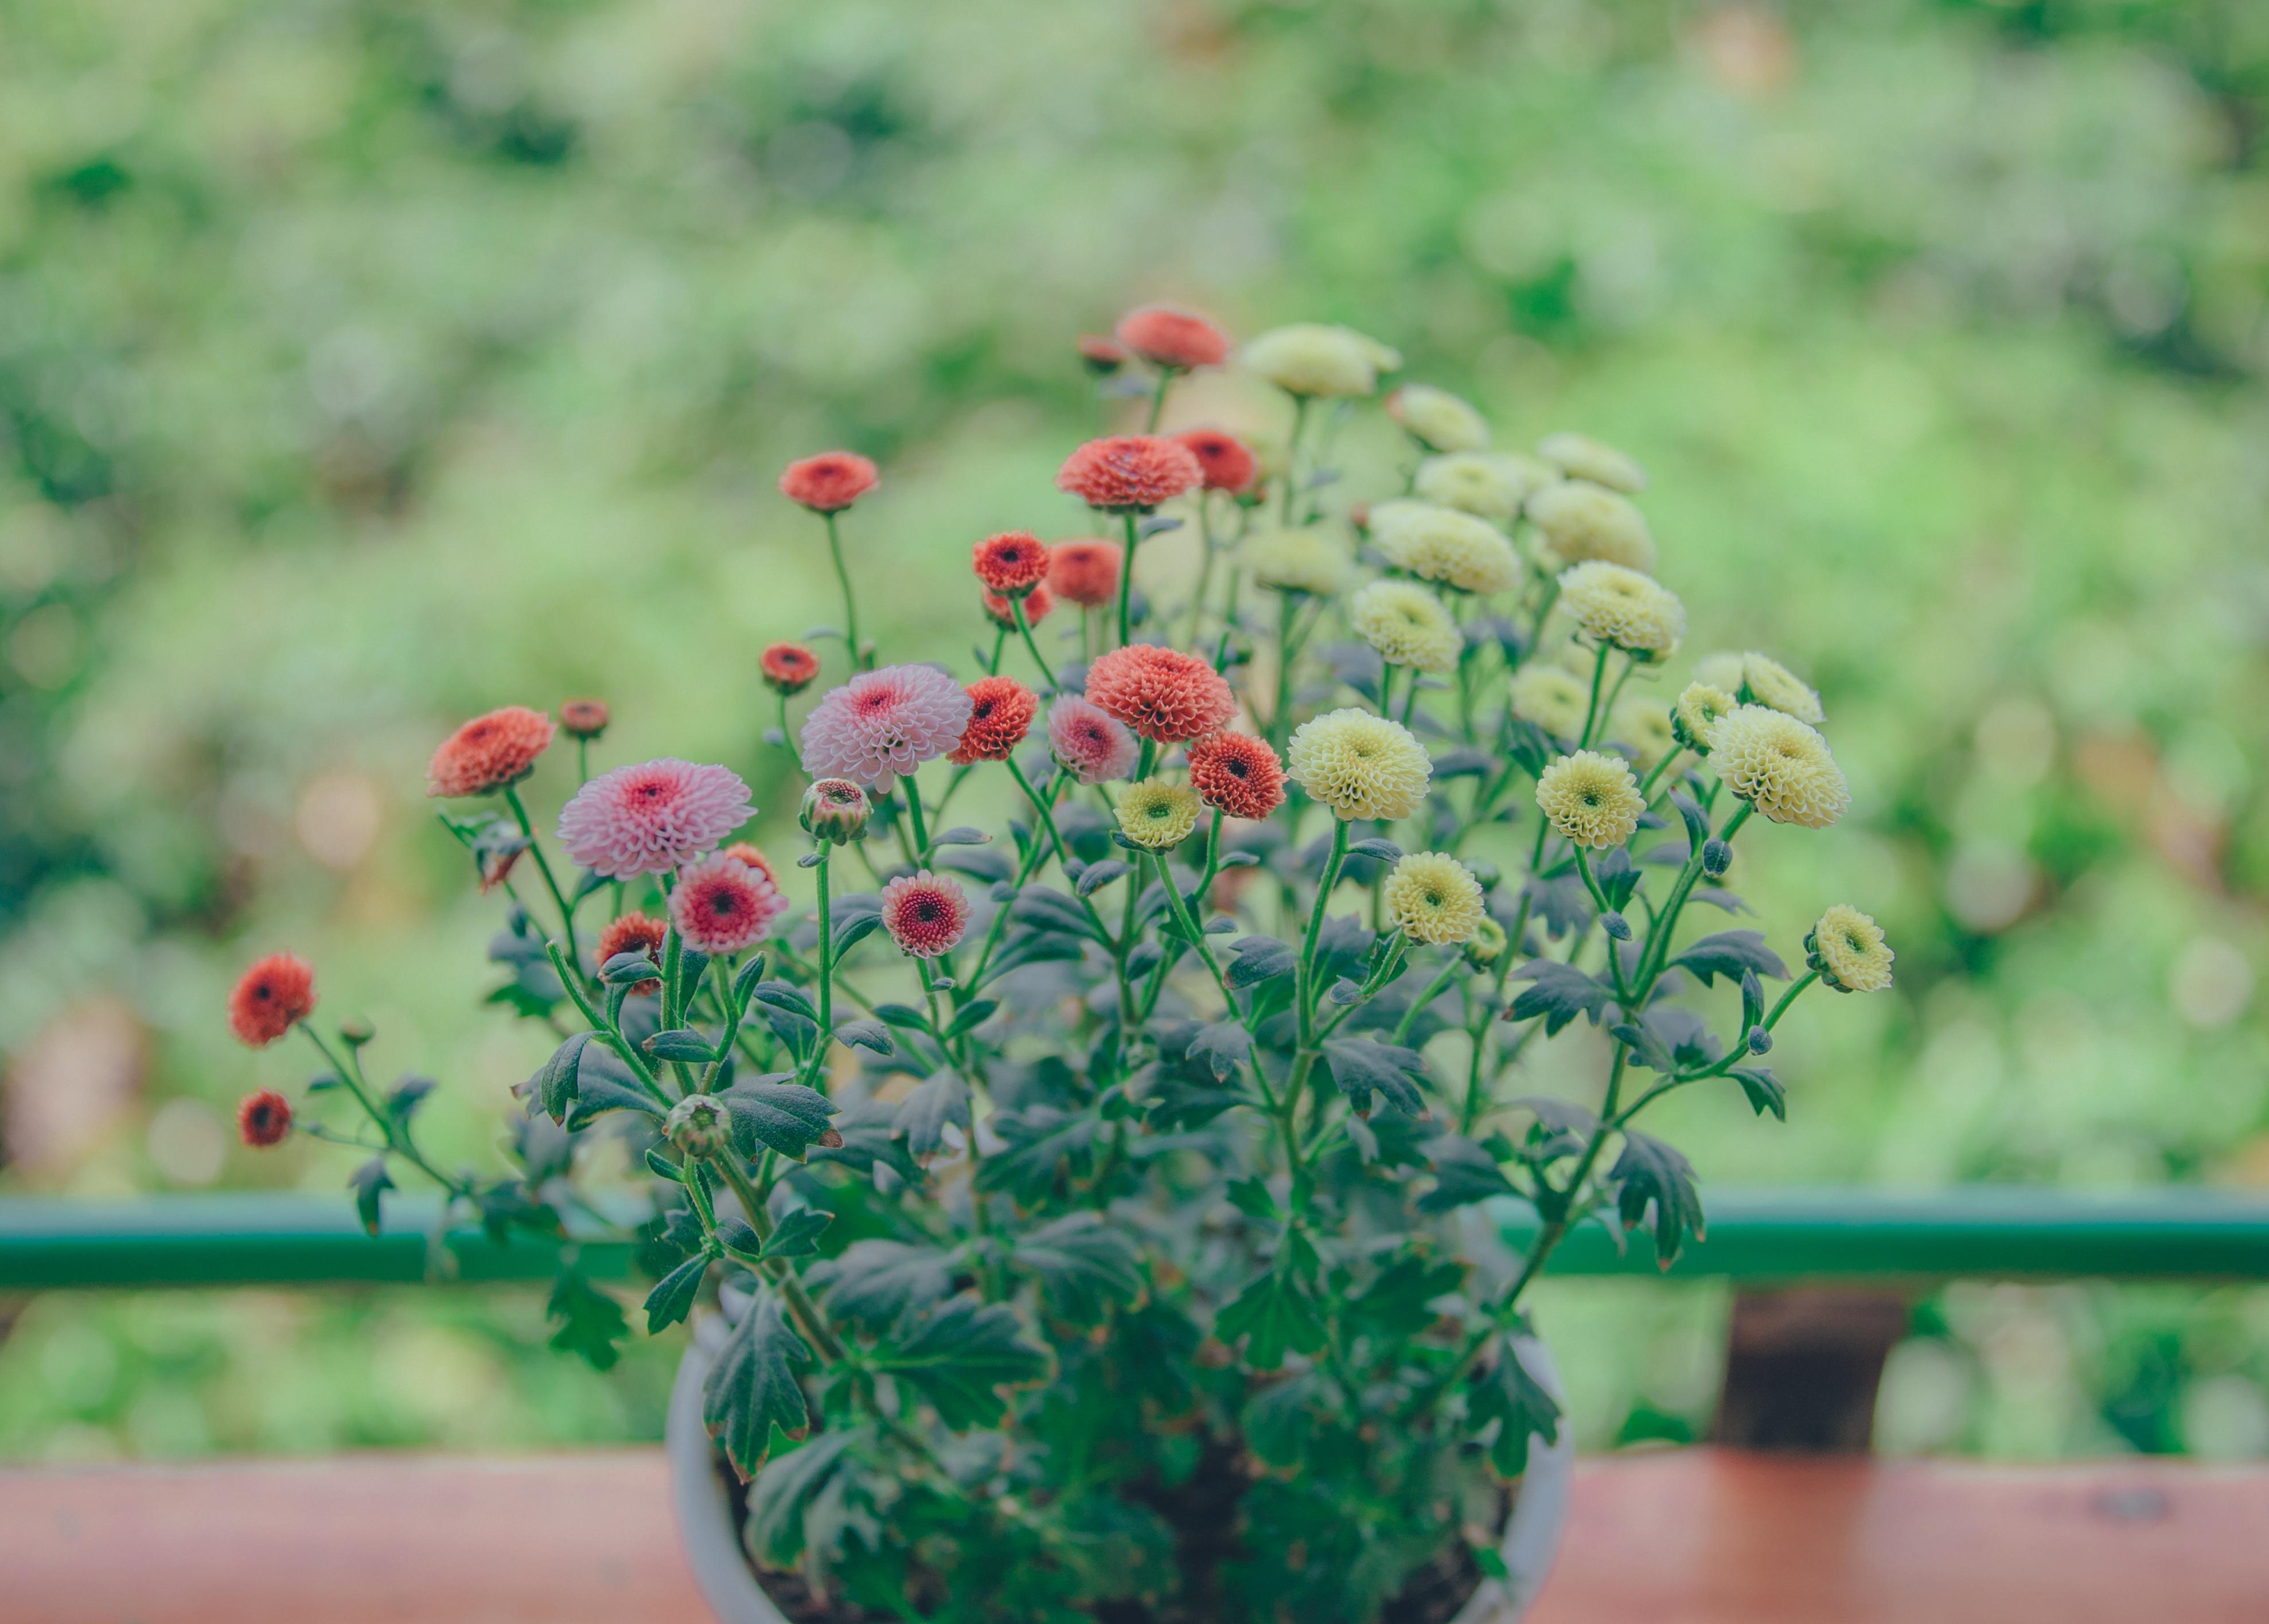 61 Gambar Pemandangan Bunga Indah Terbaru